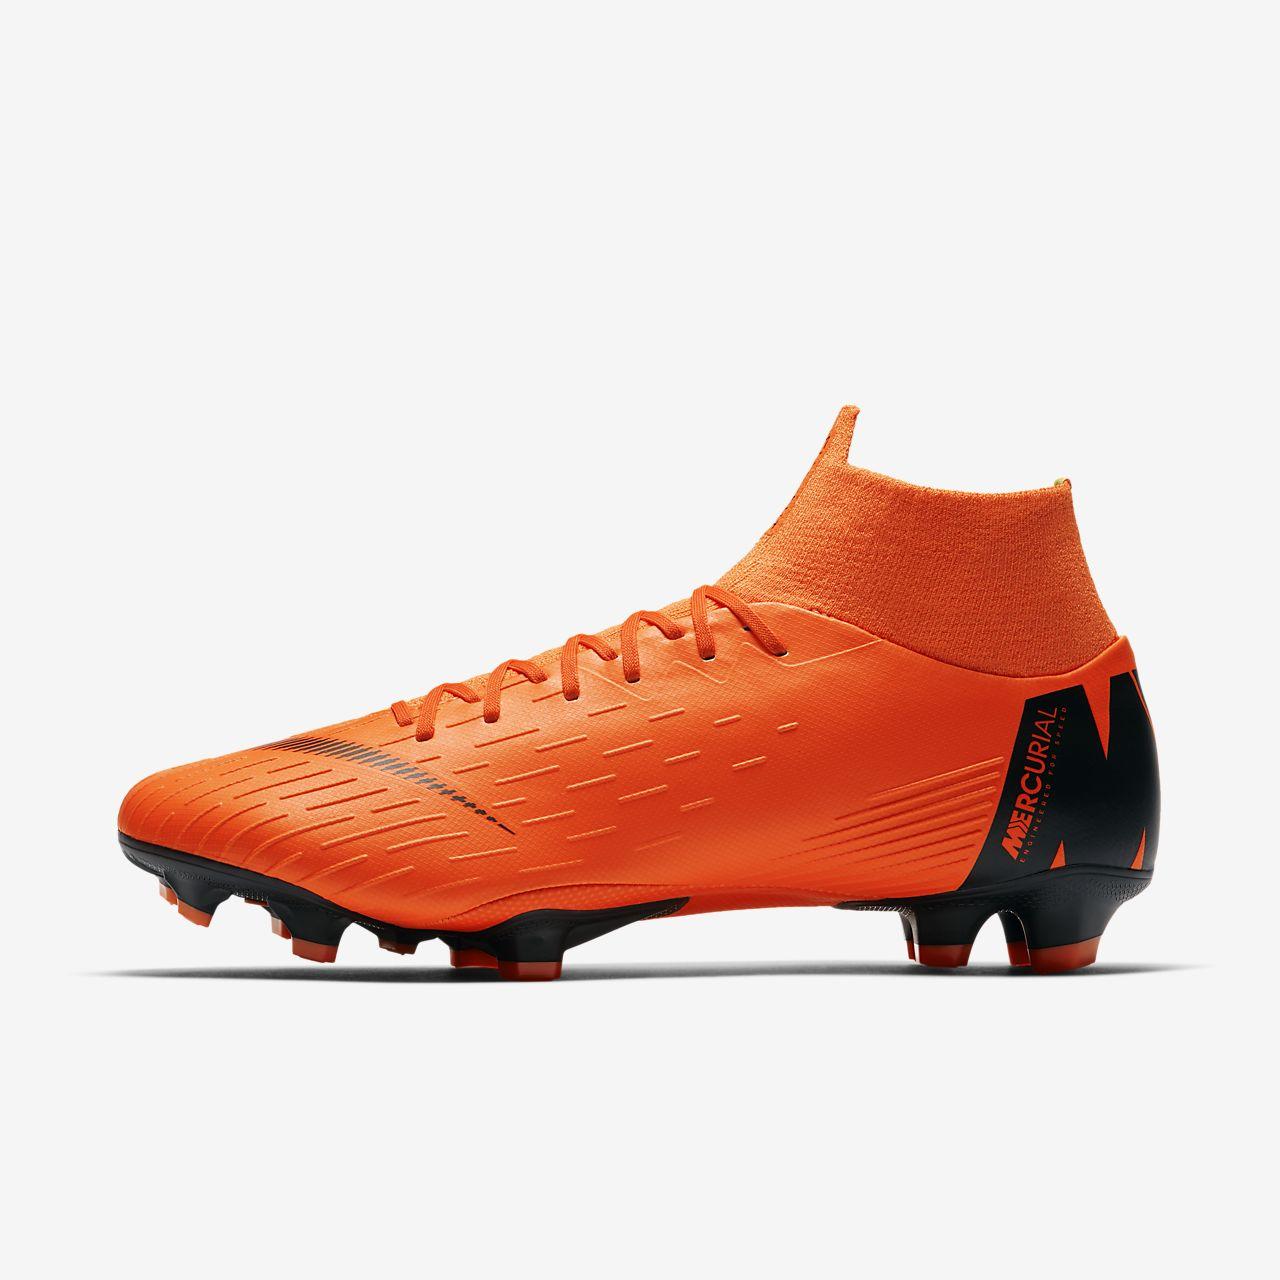 ... Fotbollssko för gräs Nike Mercurial Superfly VI Pro